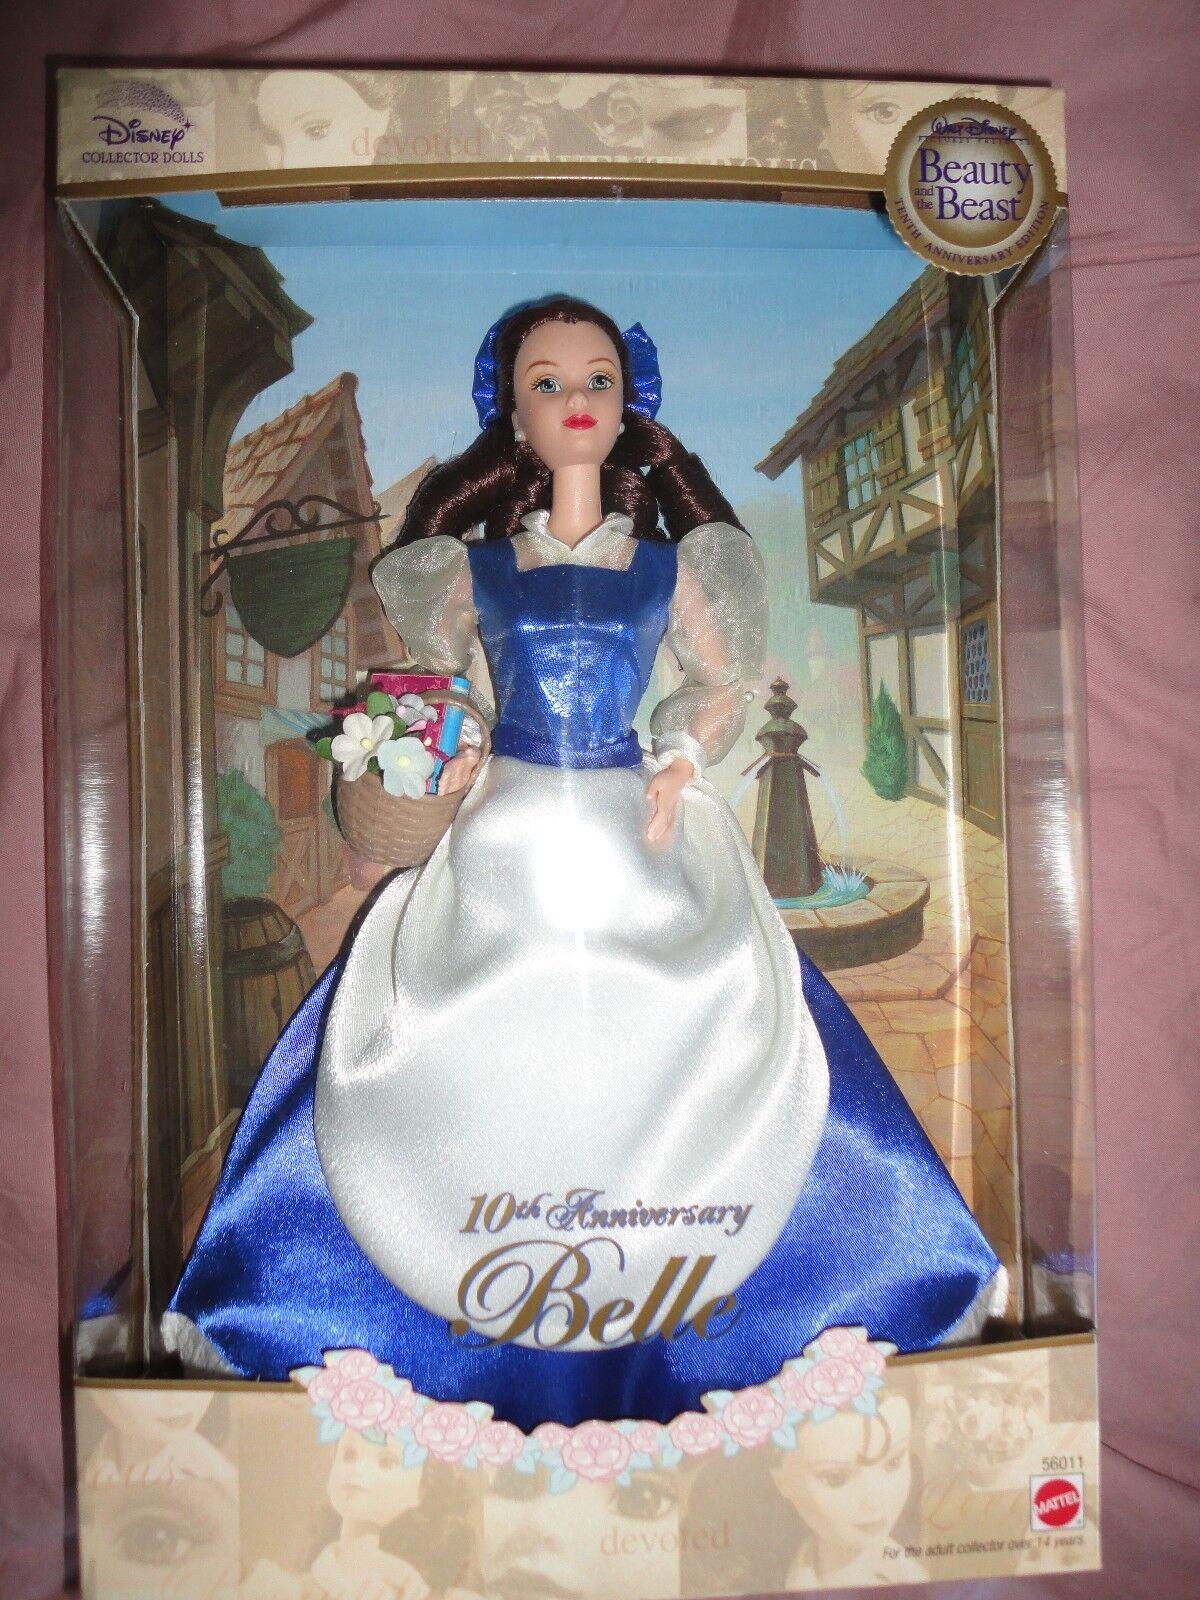 10th aniversario de la Bella Y La Bestia Belle Muñeca Barbie nunca quitado de la caja en caja como nuevo muy difícil de encontrar